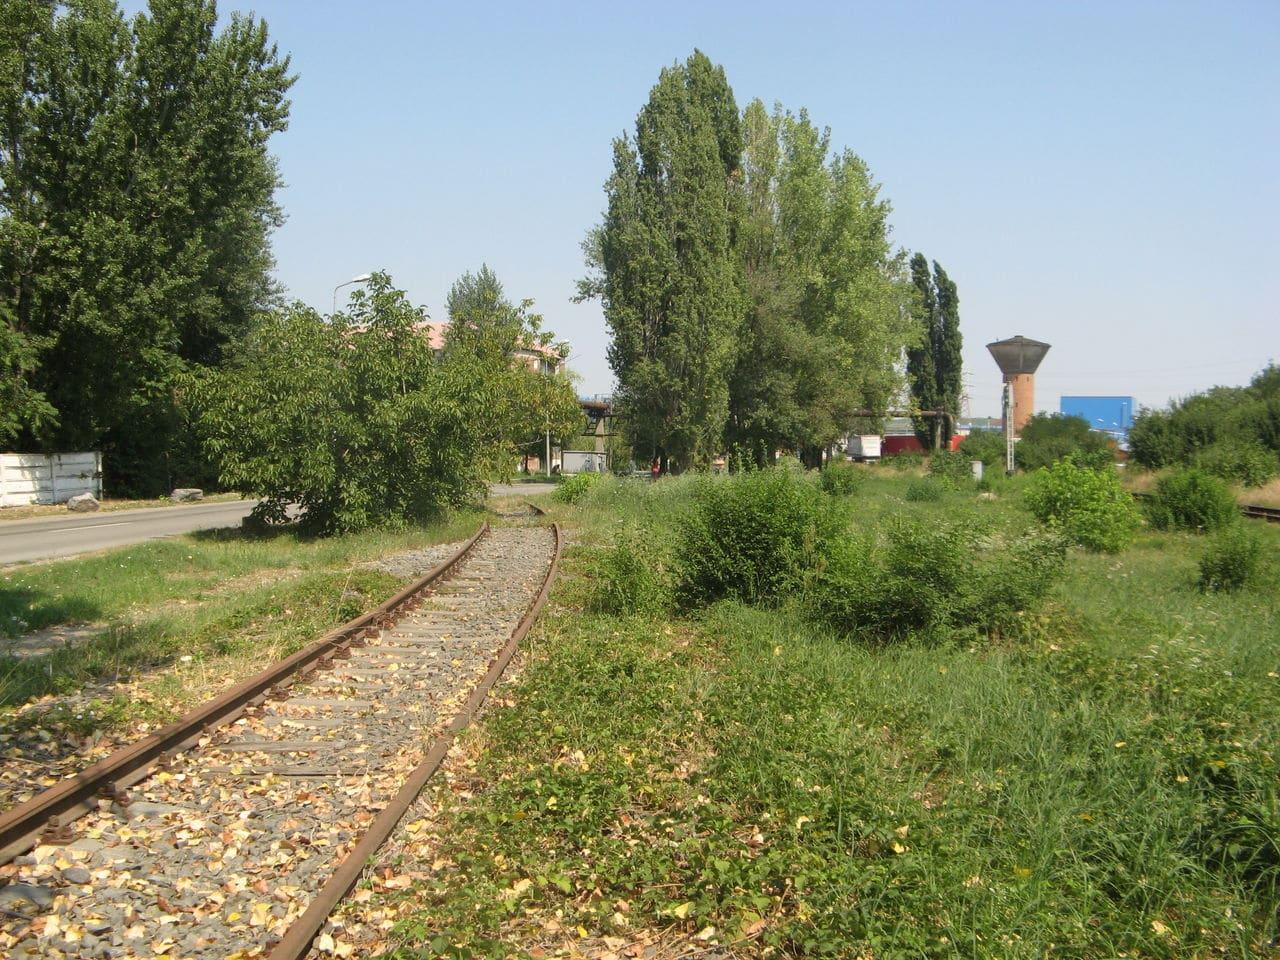 Calea ferată directă Oradea Vest - Episcopia Bihor IMG_0036